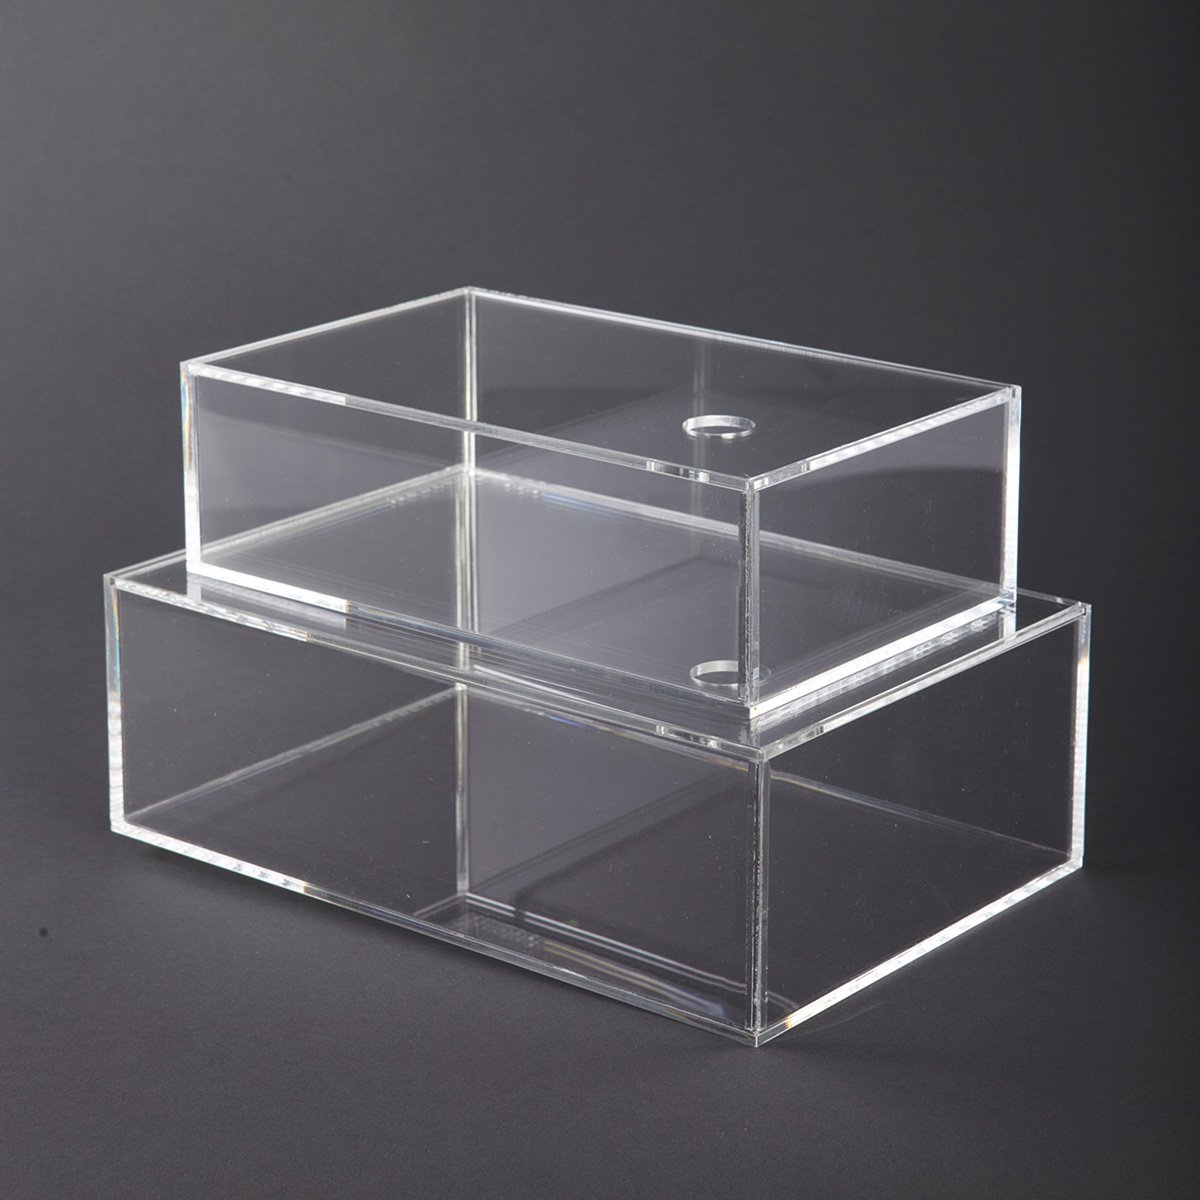 Průhledné krabice s víkem 2 ks